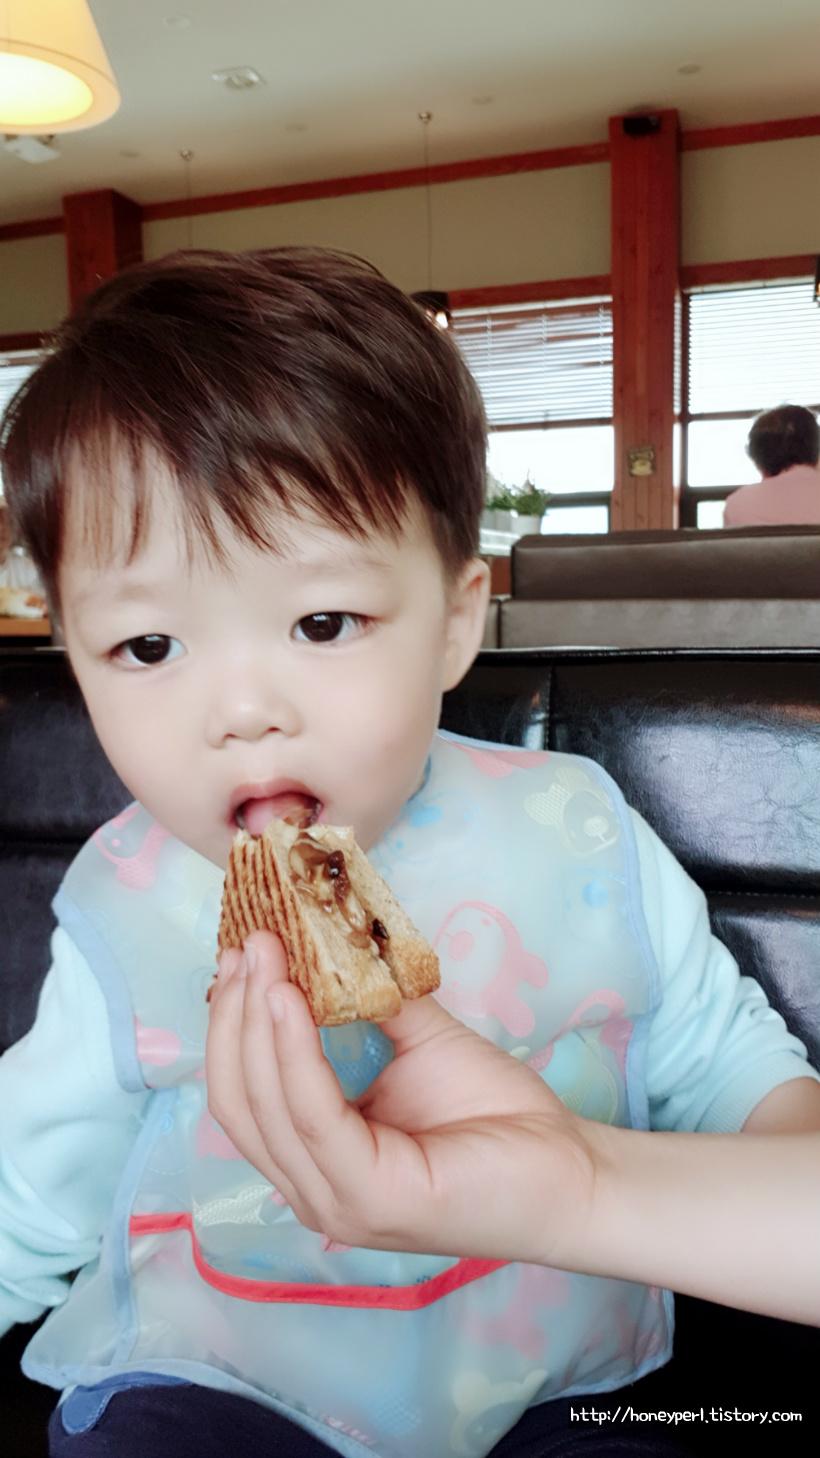 [ 오산 브런치 카페 ] 카페 알로하 cafe aloha 오산동물의숲 근처 아이와 식사할만한 곳 2